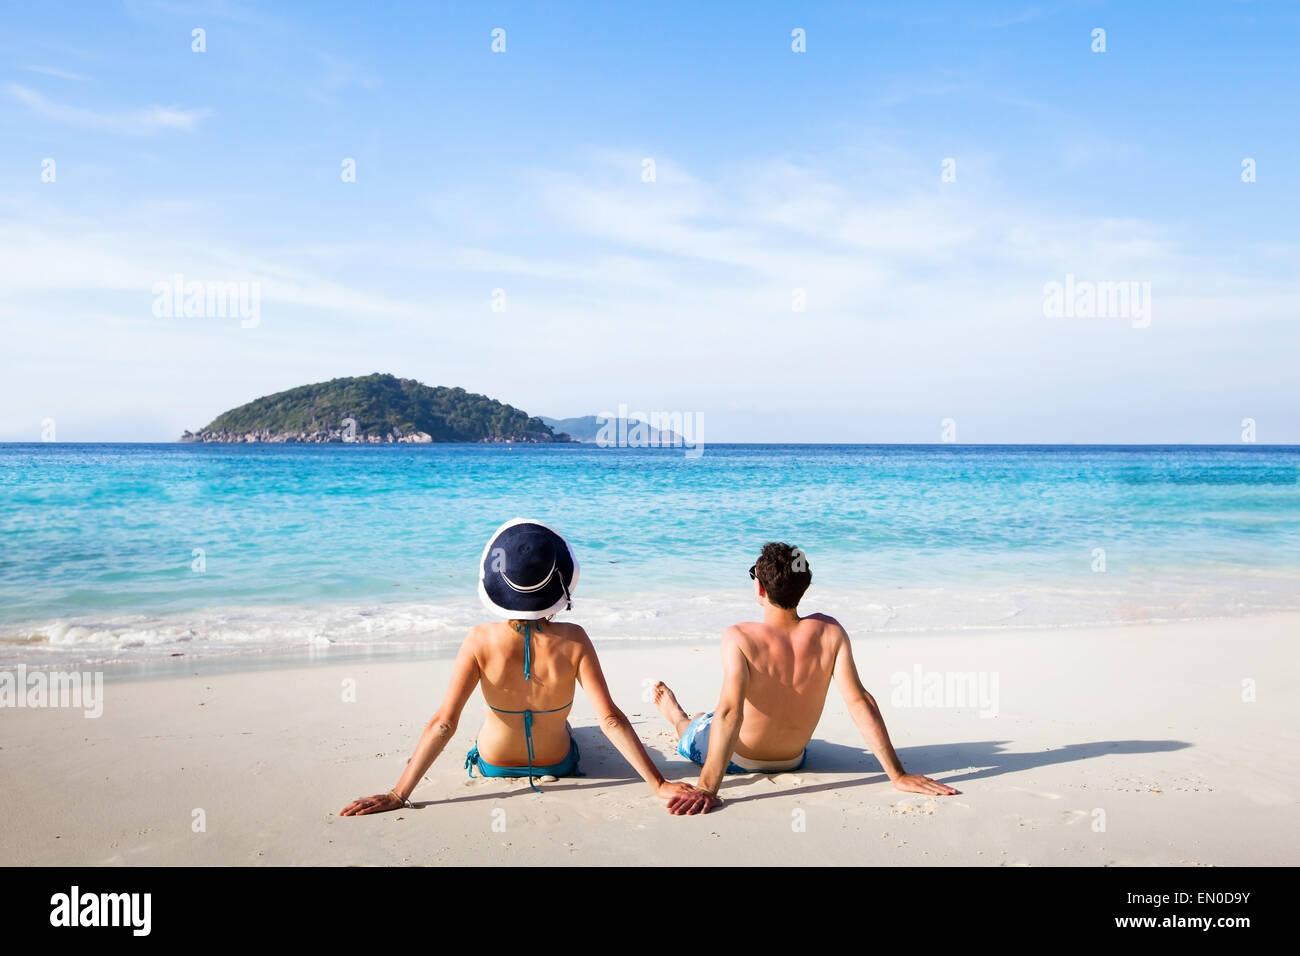 Destinazione luna di miele, giovane coppia felice rilassante sulla spiaggia paradiso Immagini Stock